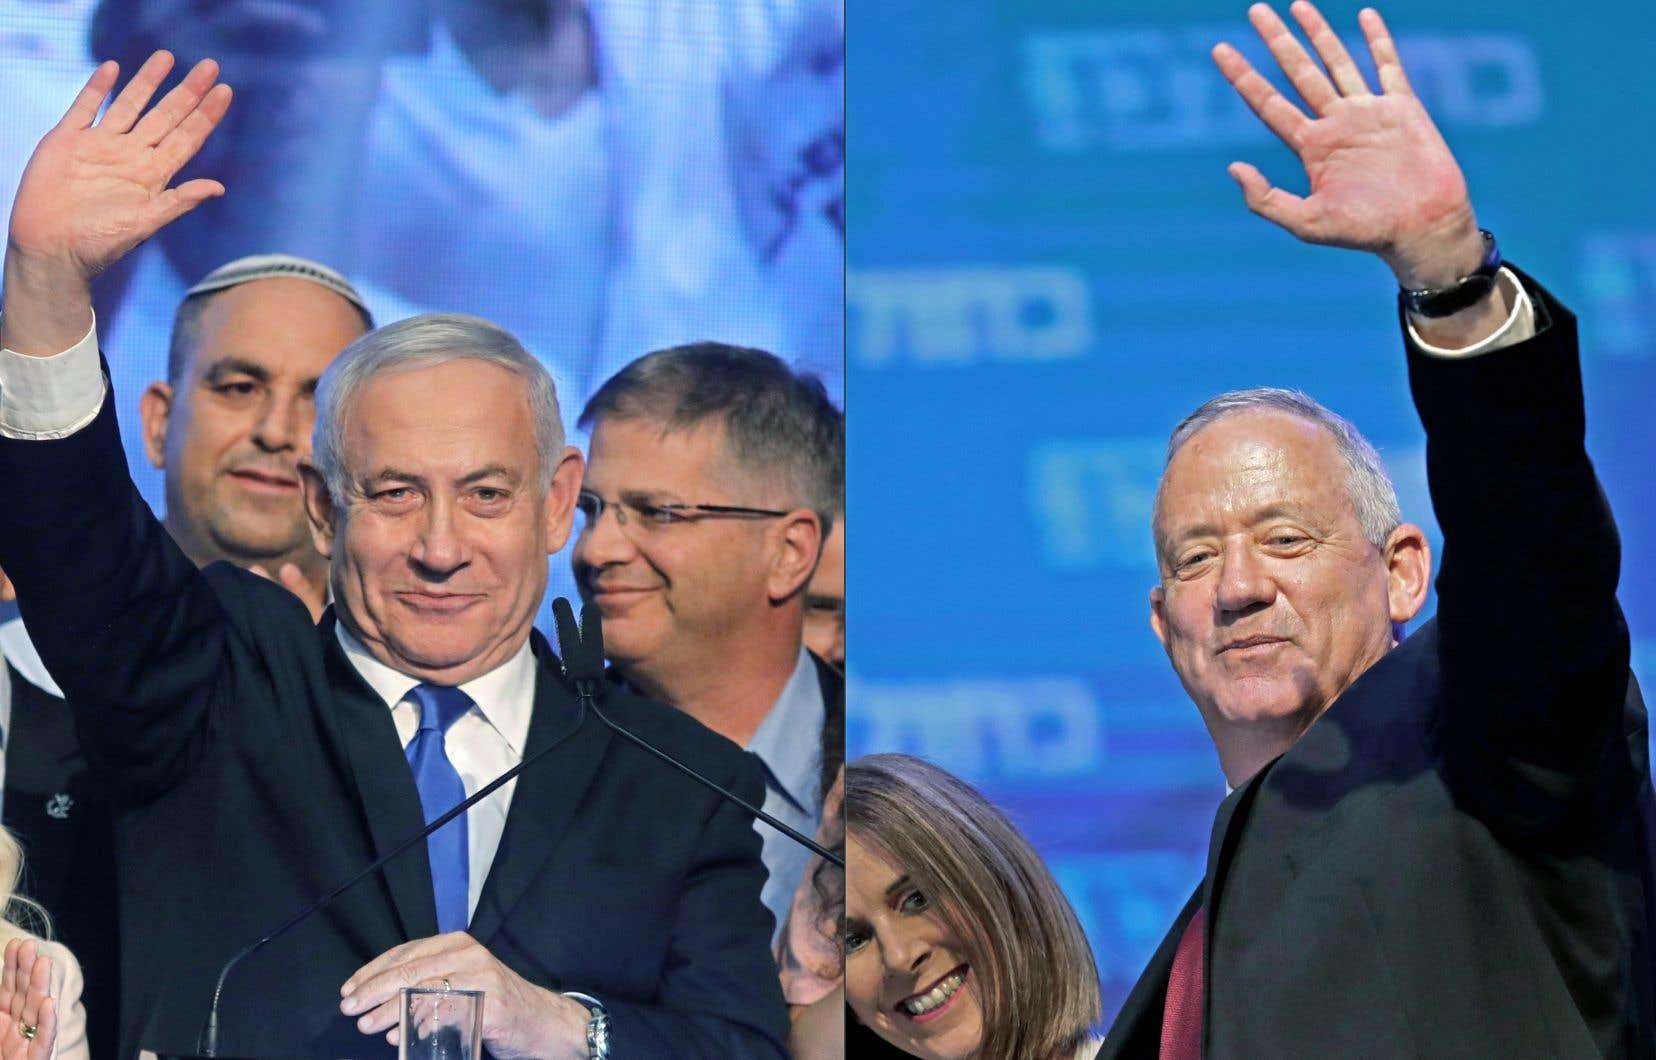 Avec plus de 90% des bulletins de vote dépouillés, le parti de Benjamin Nétanyahou (à gauche), le Likoud, était toujours à égalité avec la formation centriste de Benny Gantz, Kahol Lavan (le parti Bleu-Blanc), avec respectivement 31 et 32 sièges, sur les 120 qui composent la Knesset. En avril dernier, les deux partis avaient récolté exactement le même suffrage, 26%, et le même nombre de sièges, 35 chacun.